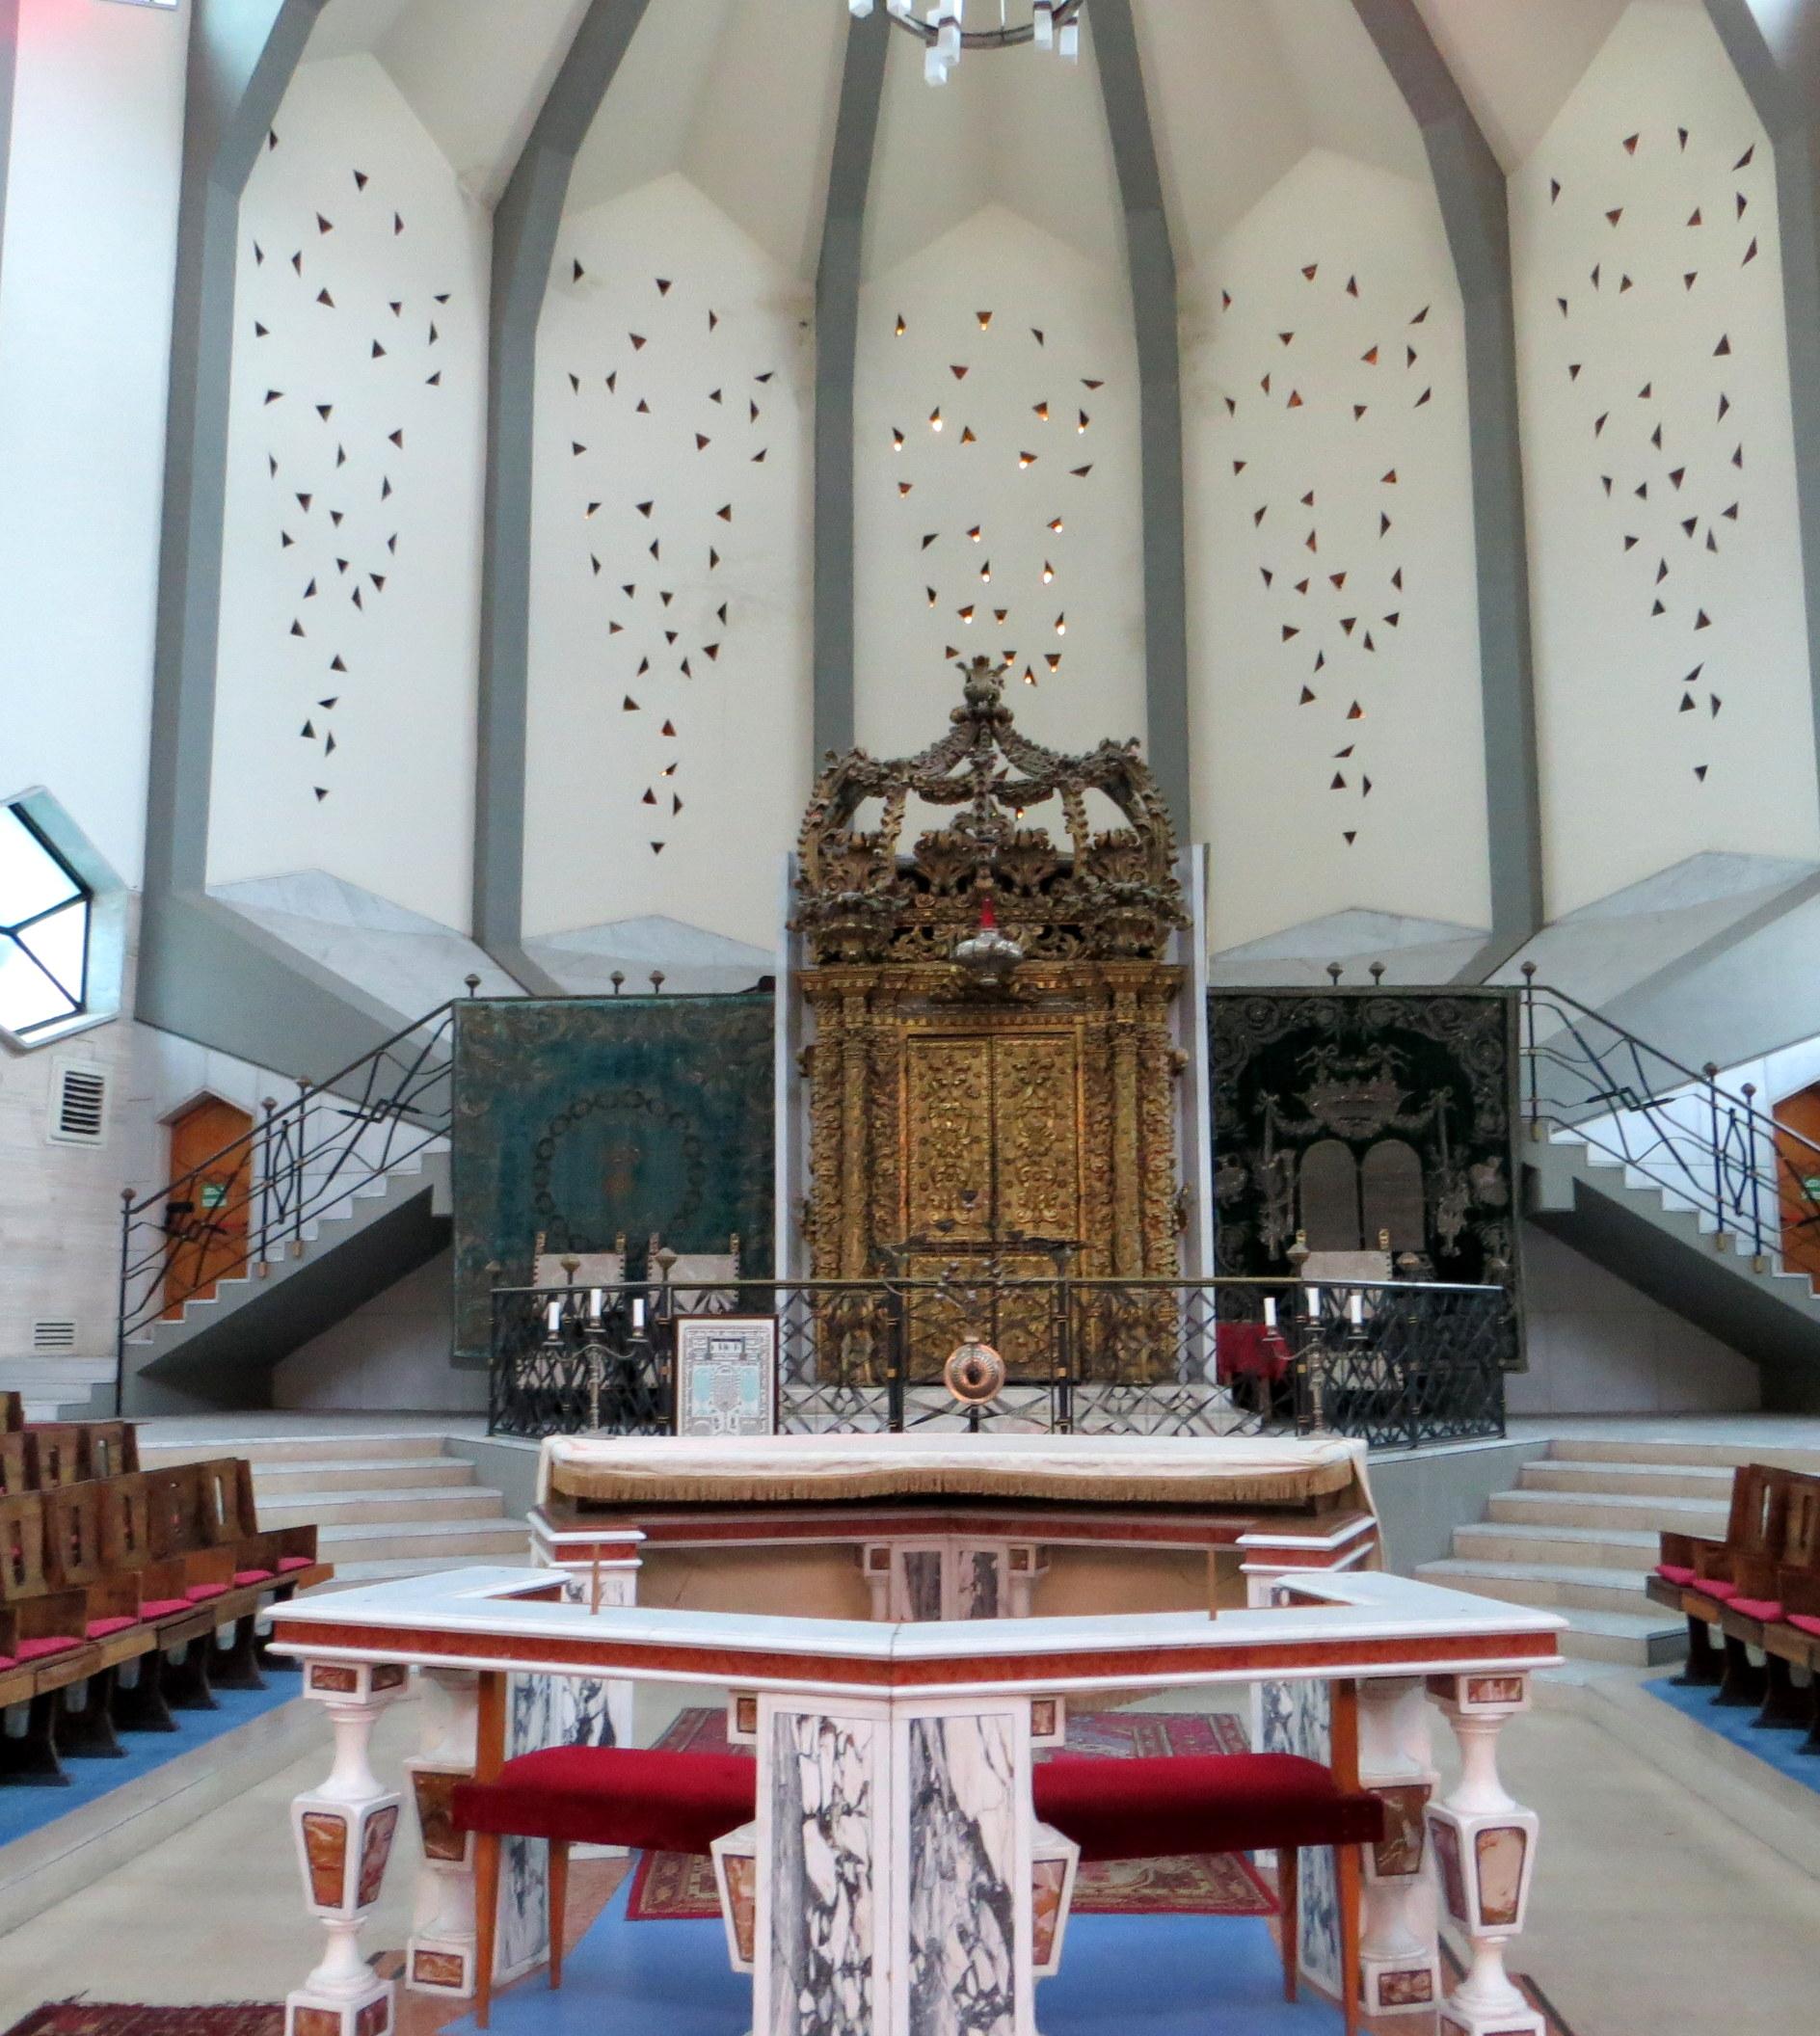 File:Sinagoga di Livorno interno.JPG - Wikipedia